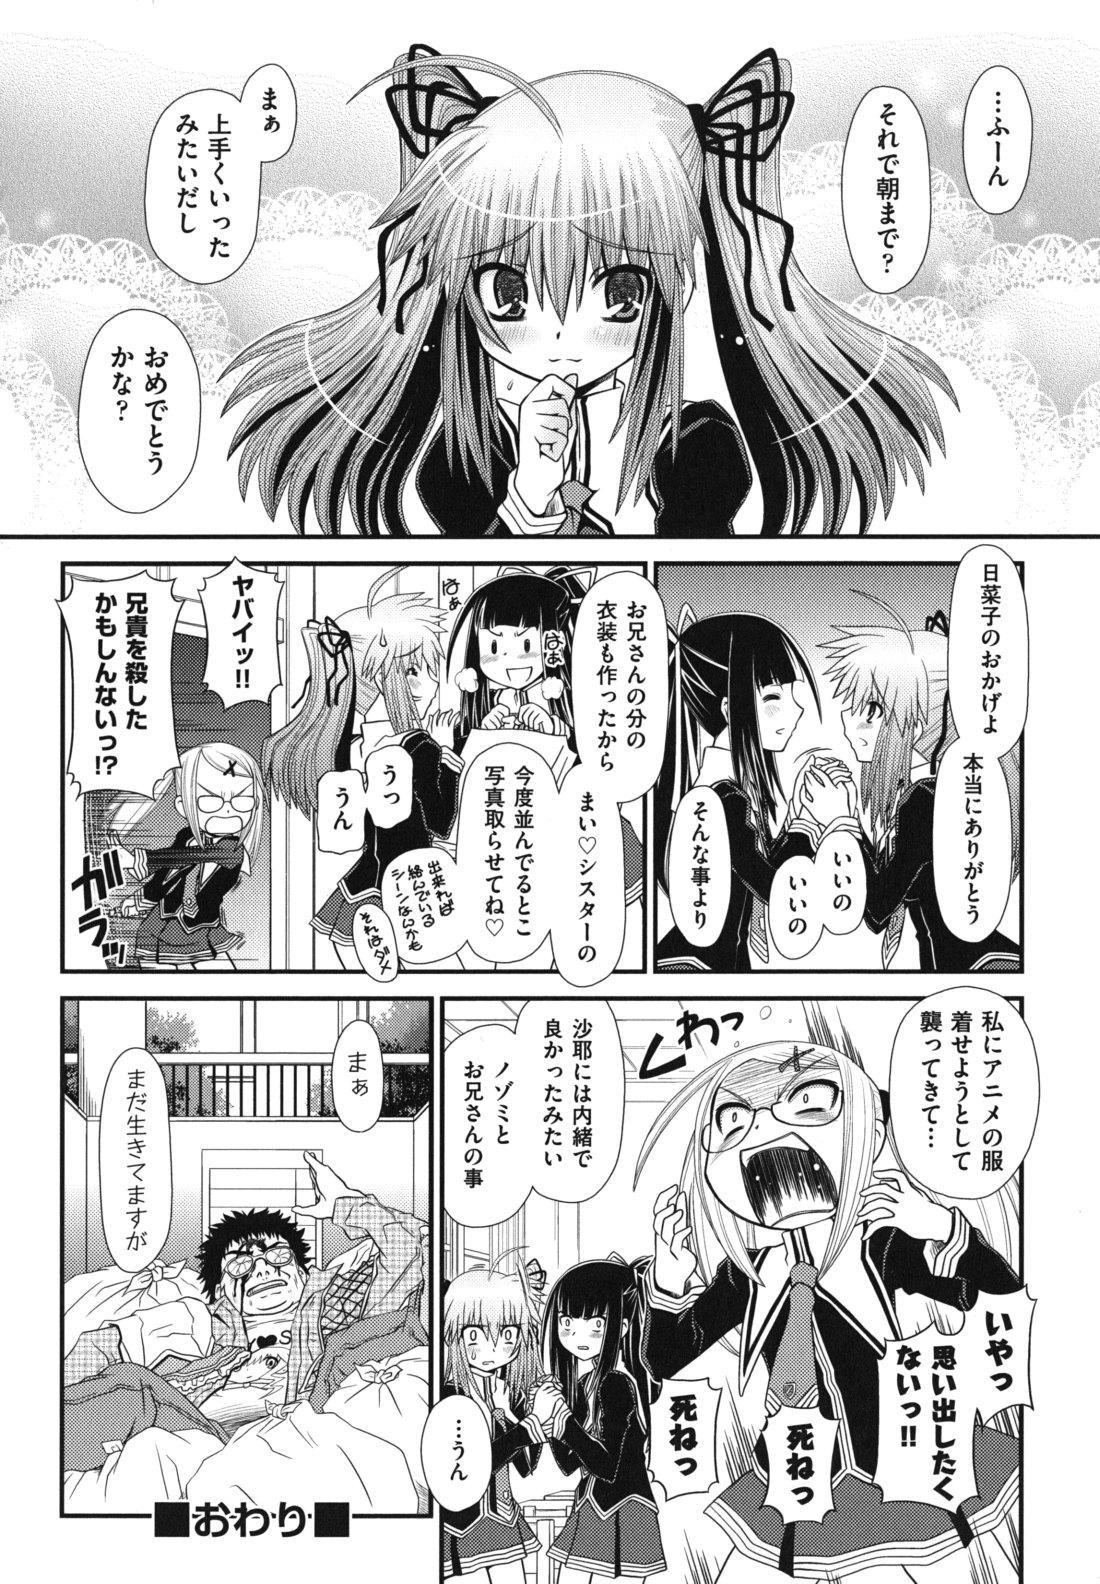 Twintail de Kneesocks no Onnanoko tachi ga Kyakkya de Ufufu♥ 52